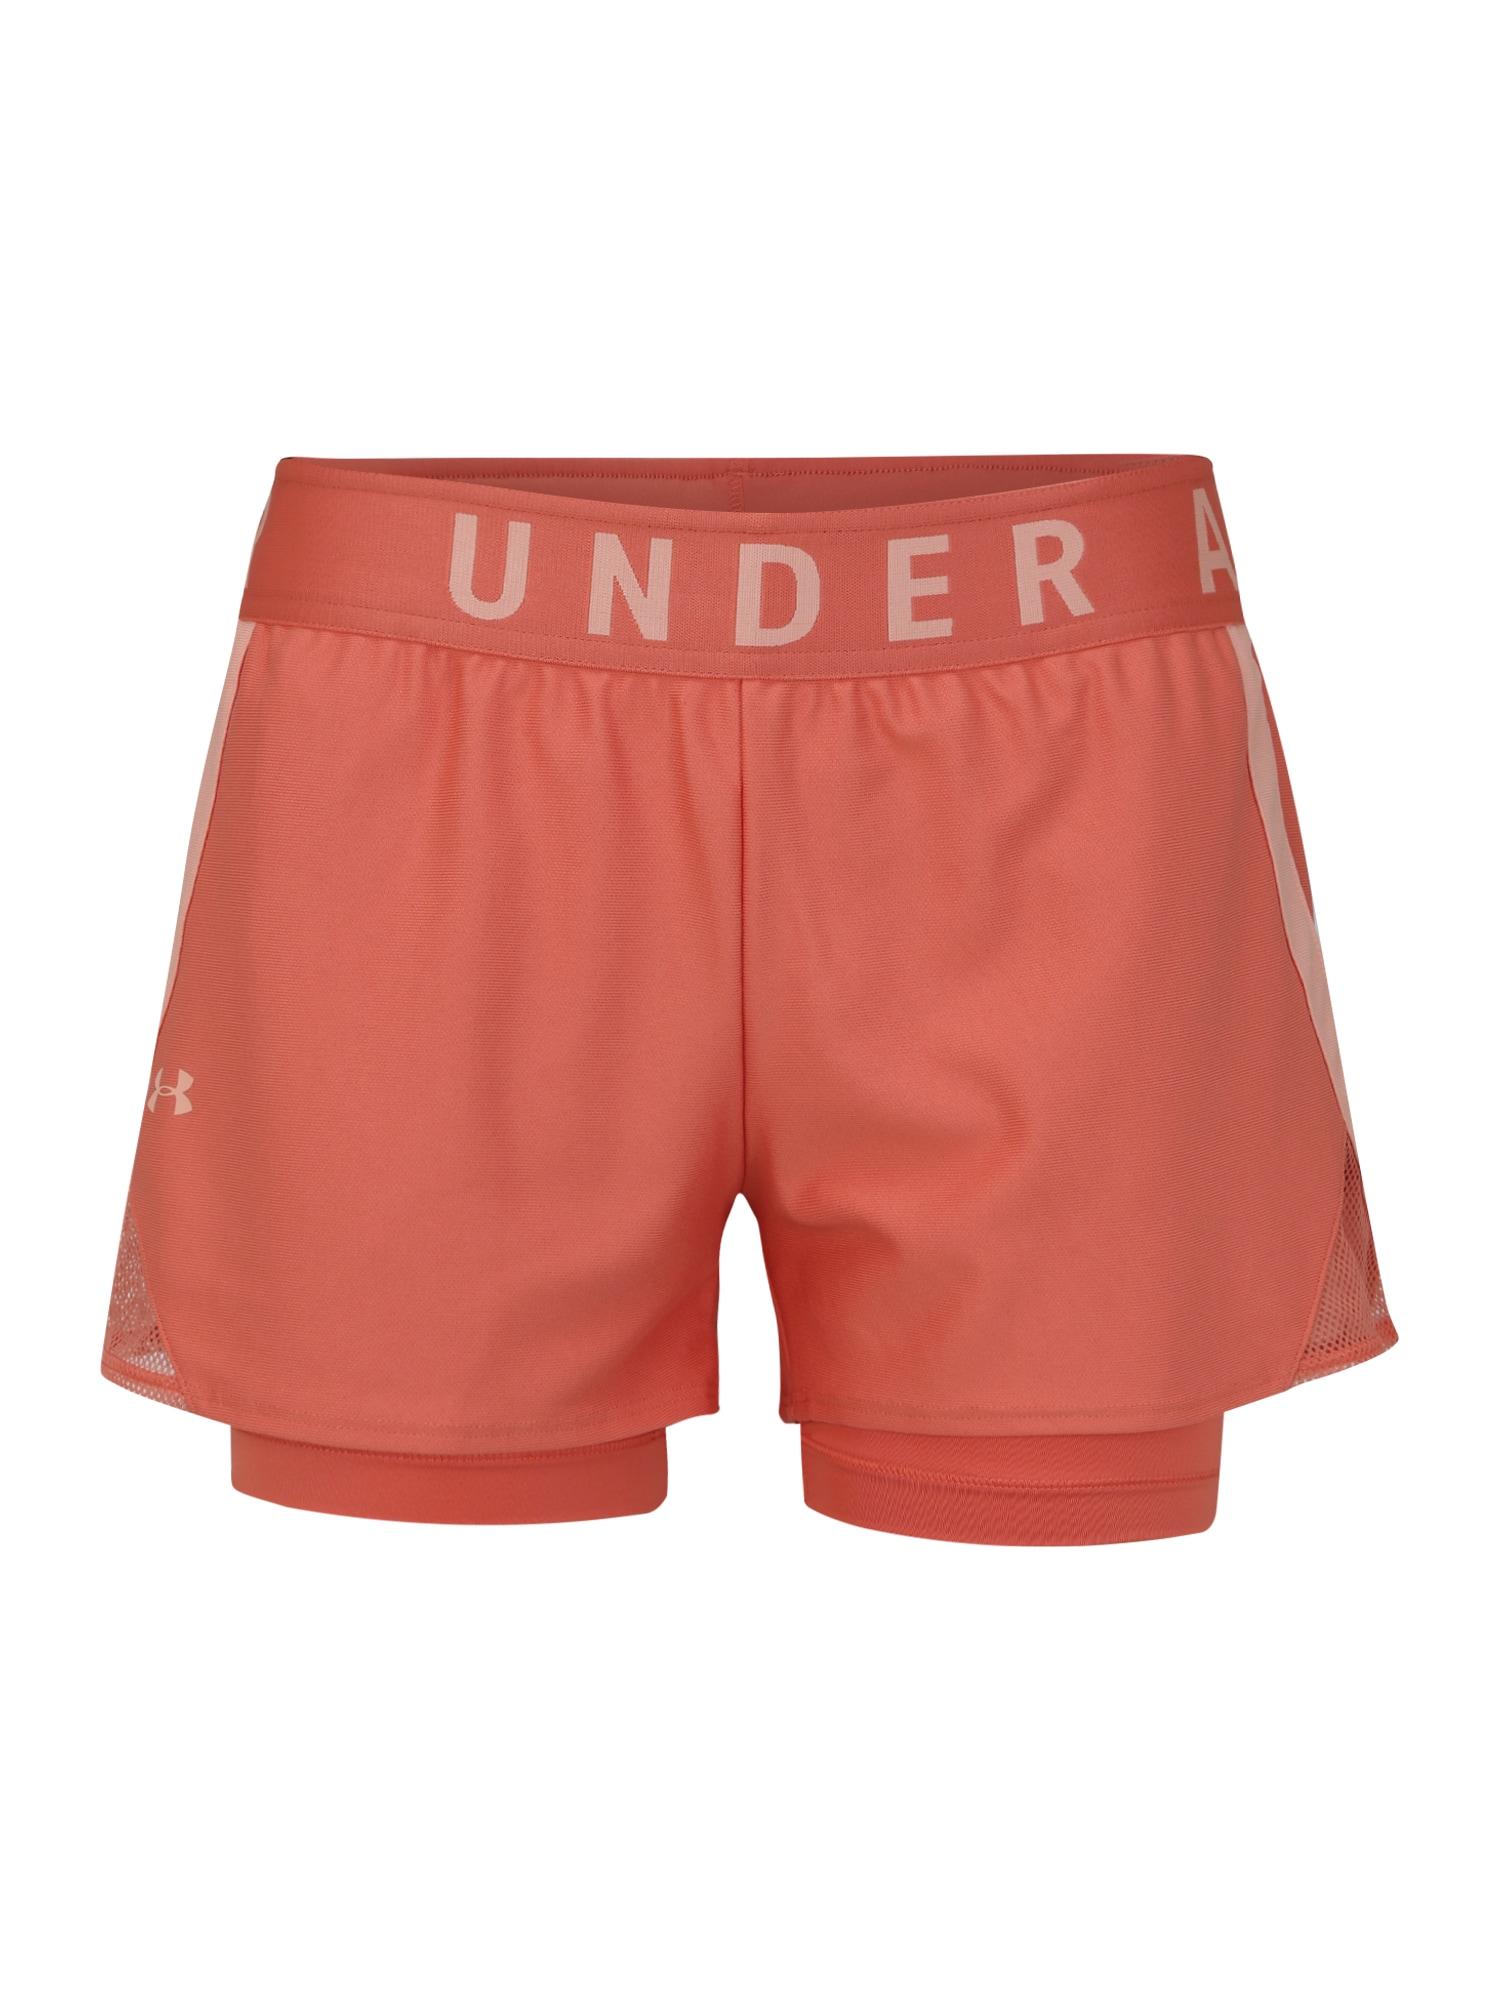 UNDER ARMOUR Sportinės kelnės oranžinė